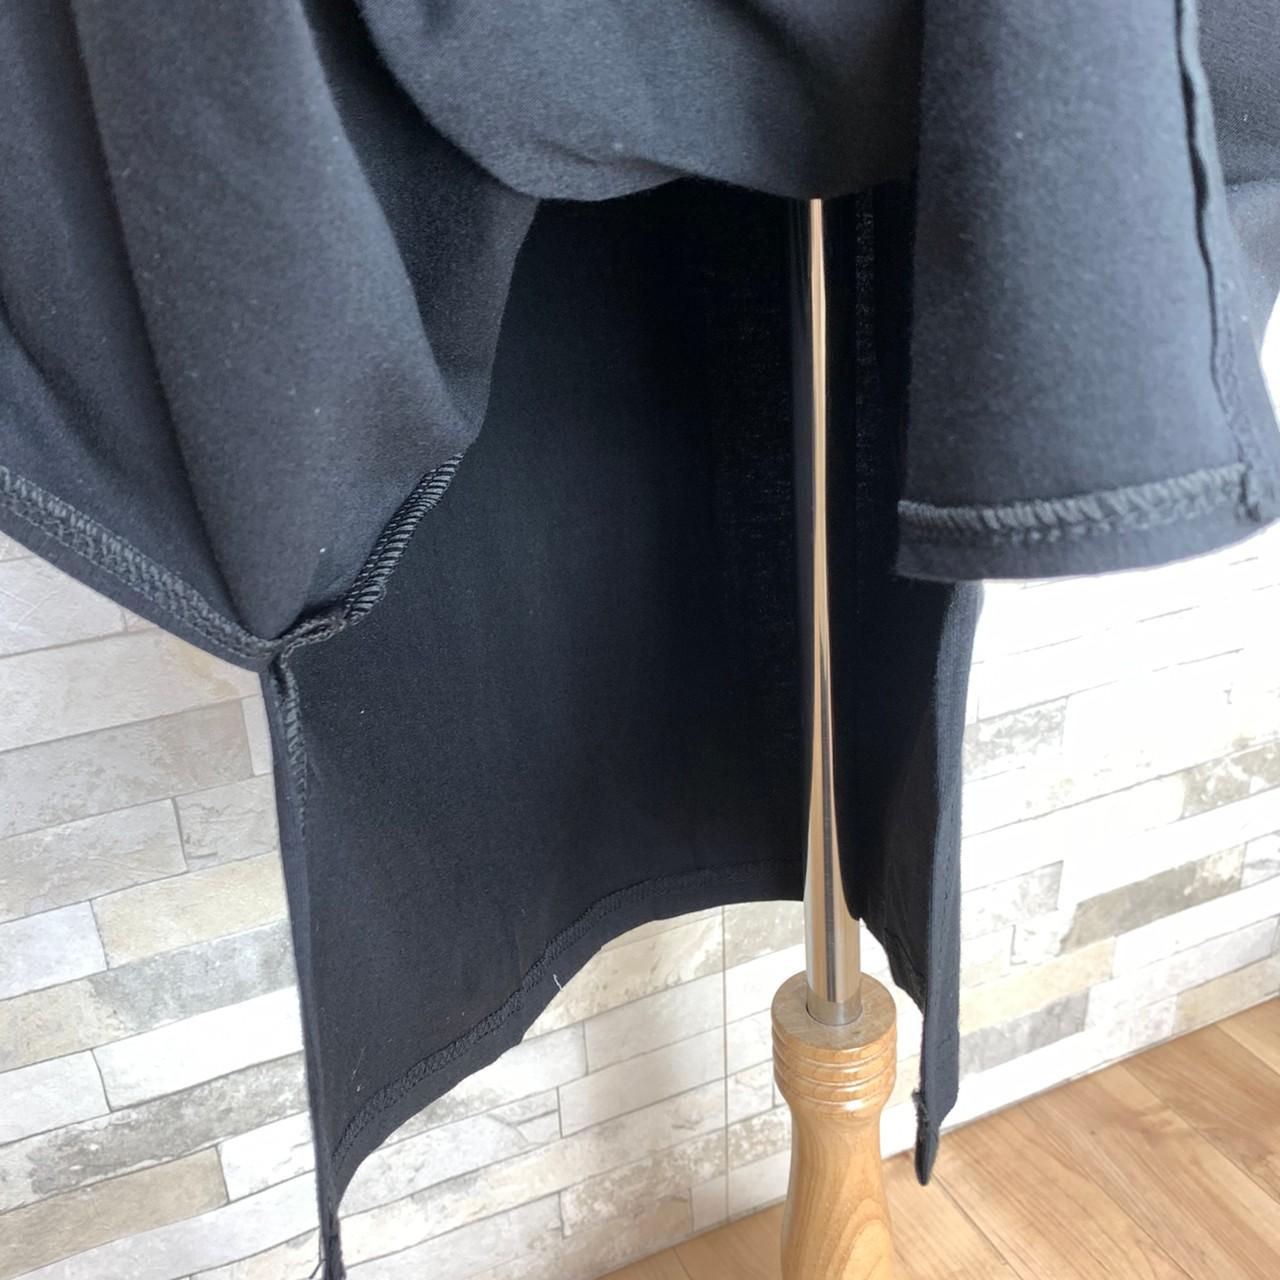 韓国 ファッション ワンピース 春 夏 秋 カジュアル PTXH669  Vネック スポーティ シンプル リラクシー オルチャン シンプル 定番 セレカジの写真8枚目